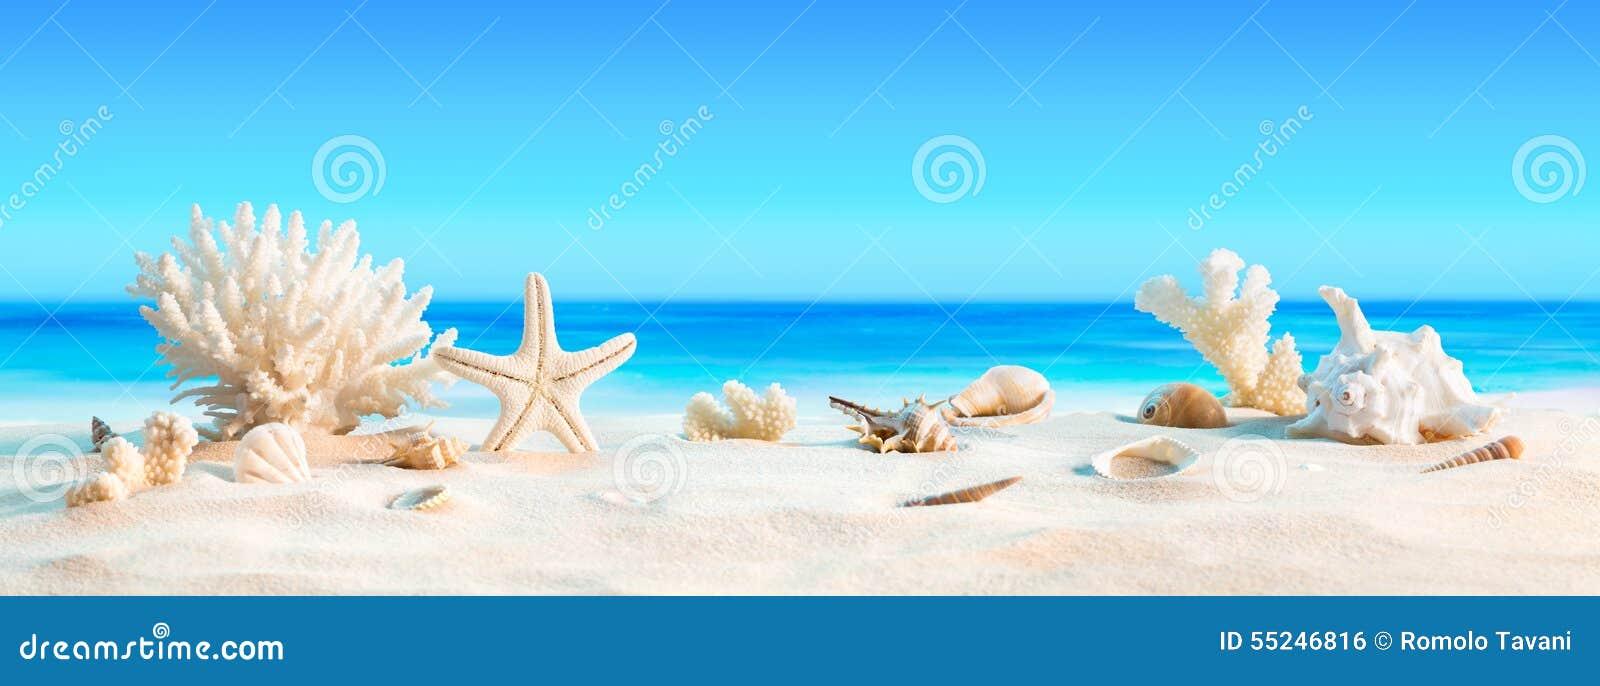 Landschap met zeeschelpen op tropisch strand